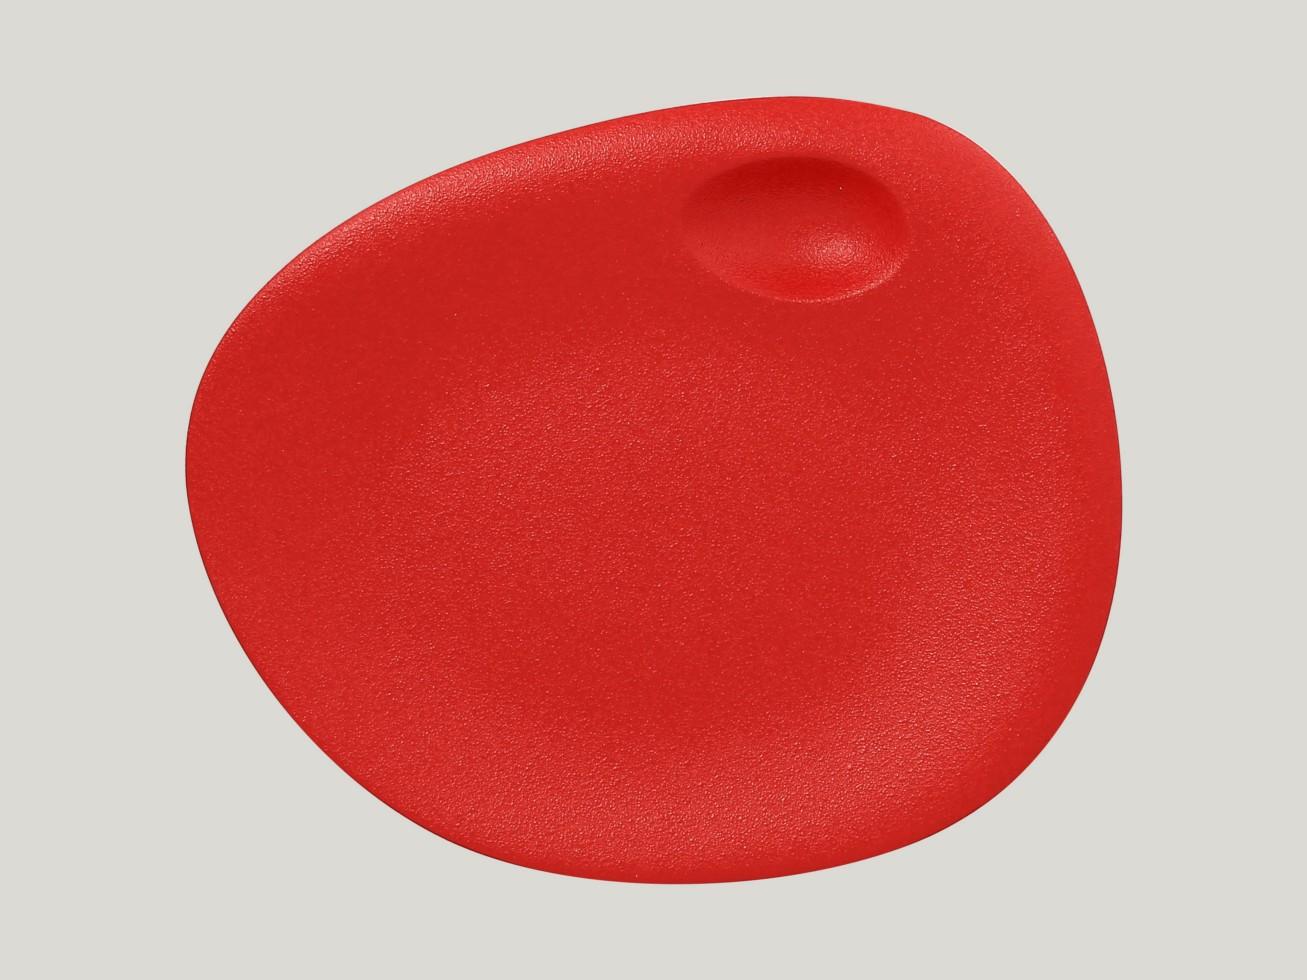 Dinner coupe talíř - světle červená Neofusion